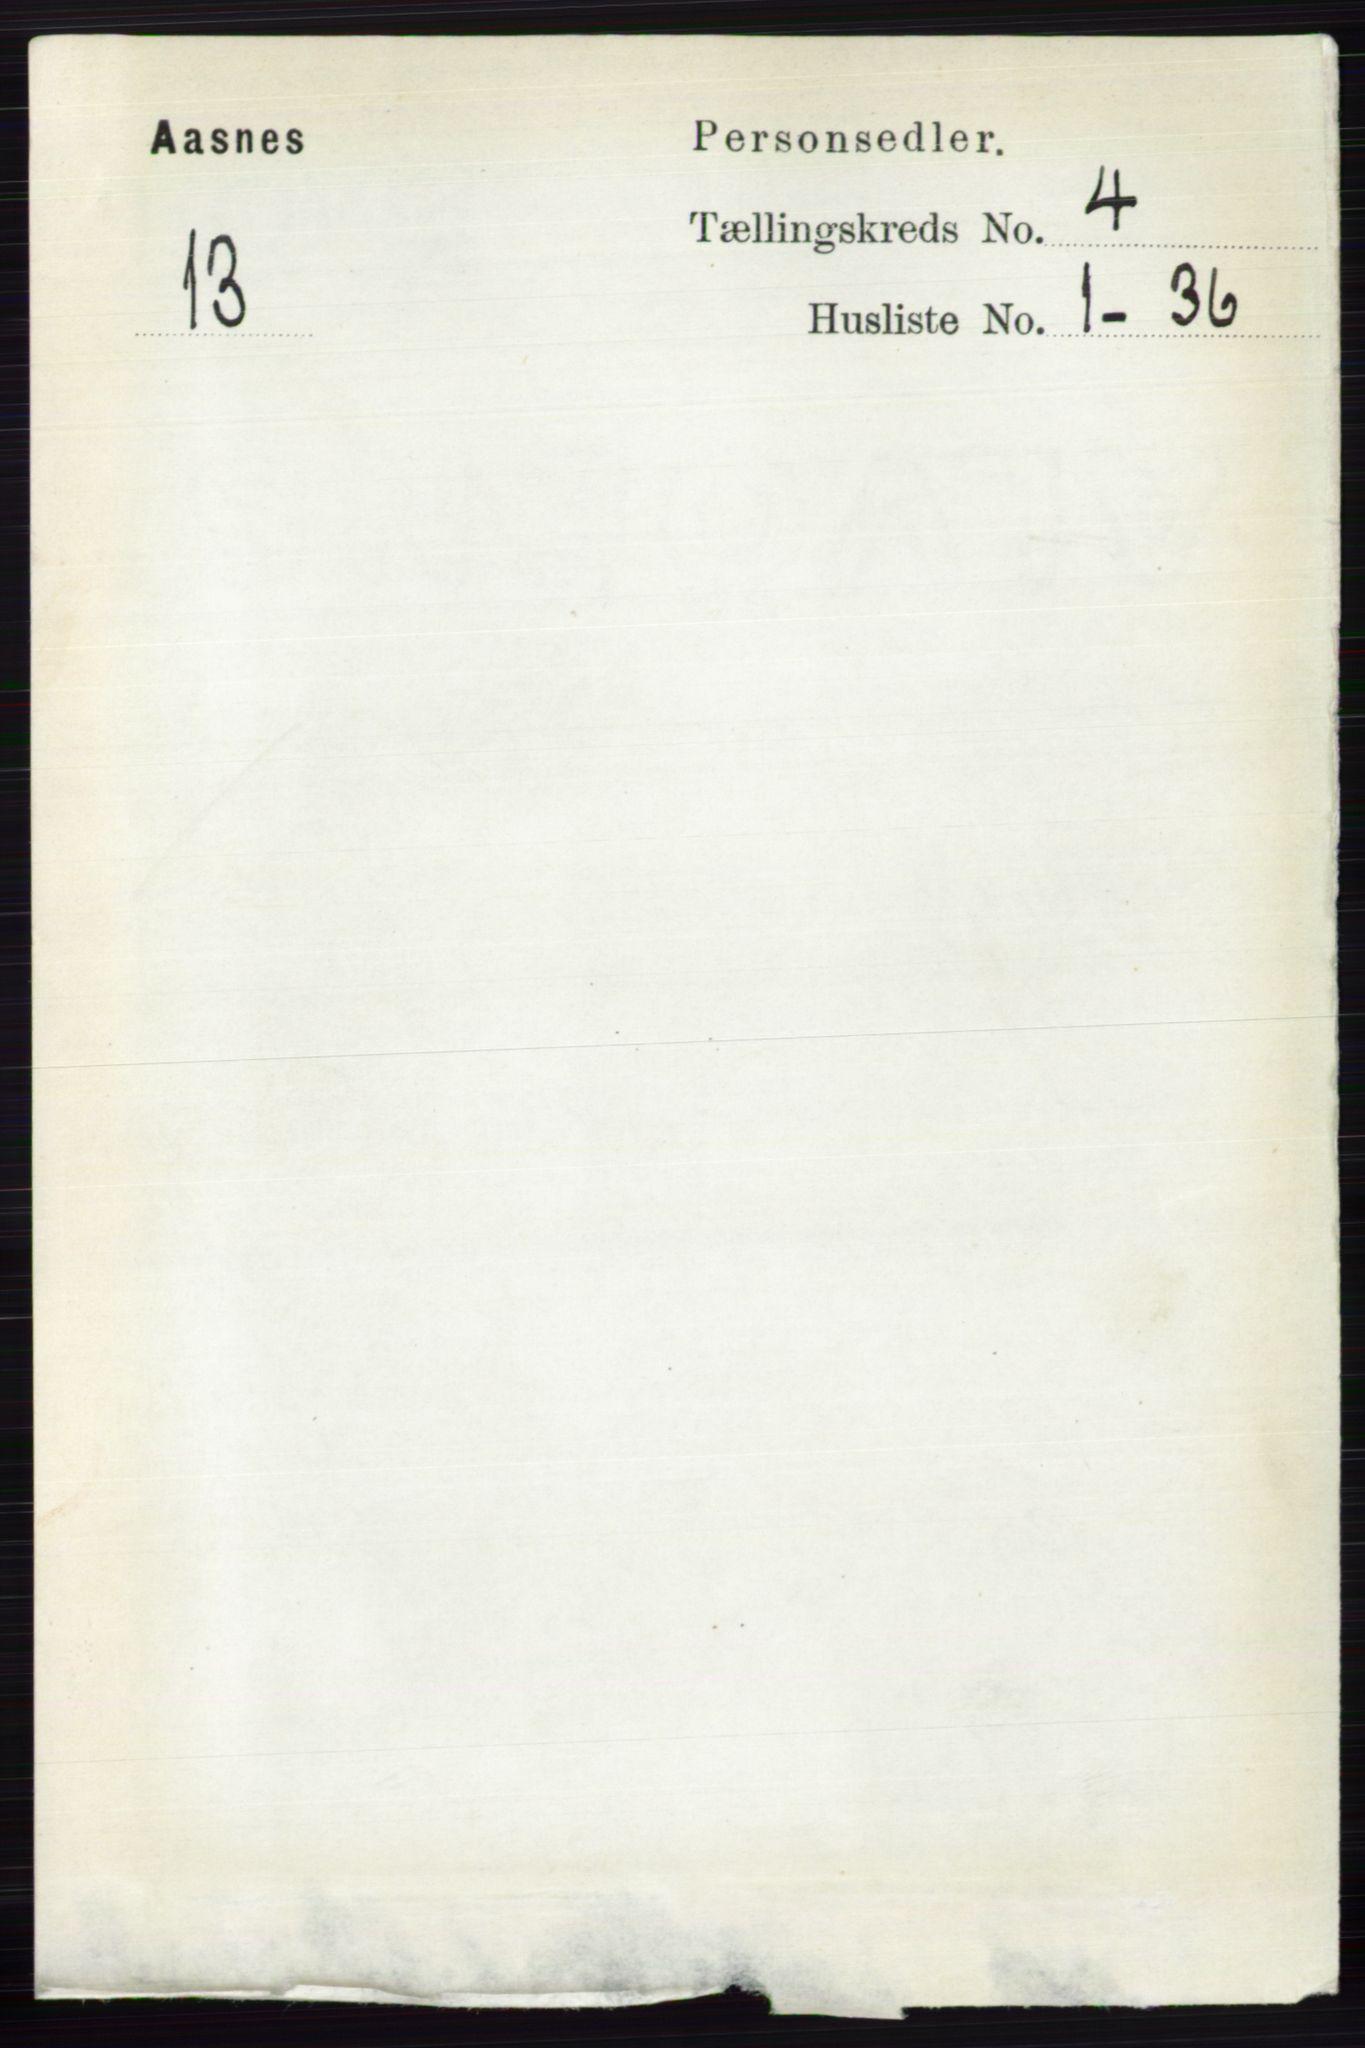 RA, Folketelling 1891 for 0425 Åsnes herred, 1891, s. 1670